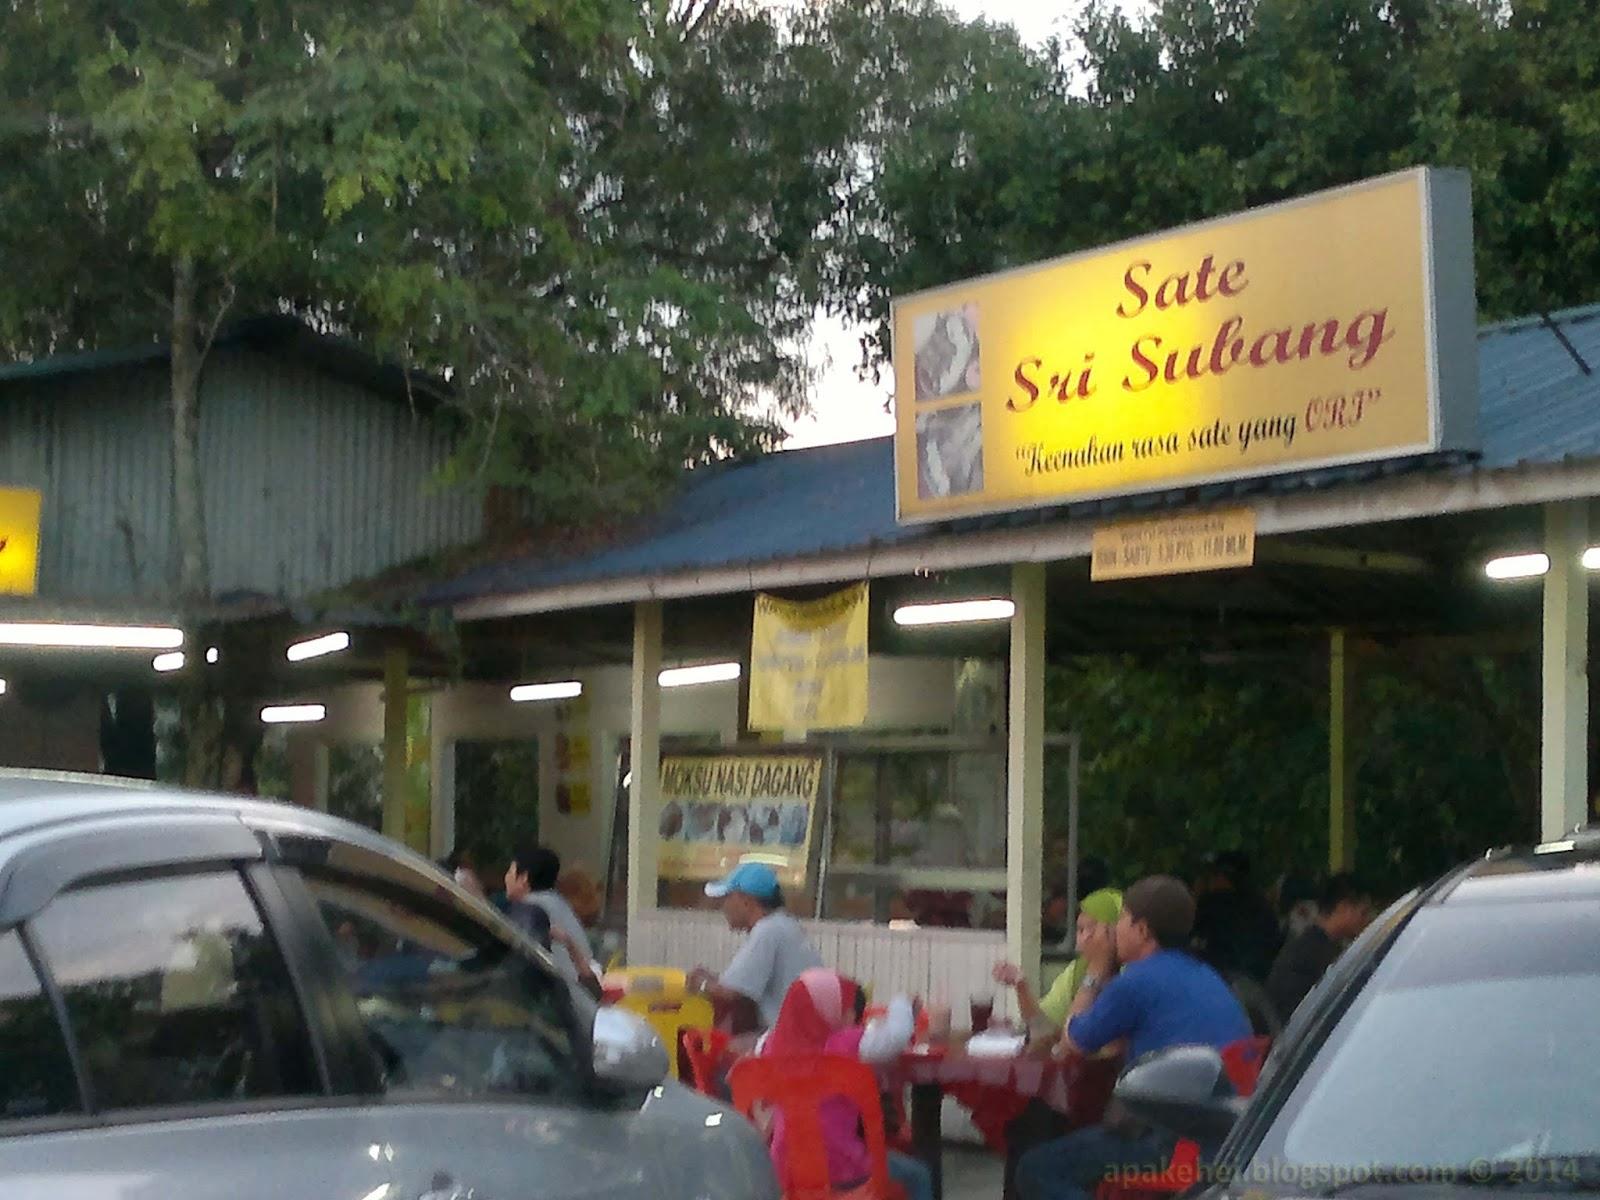 Satay Sri Subang